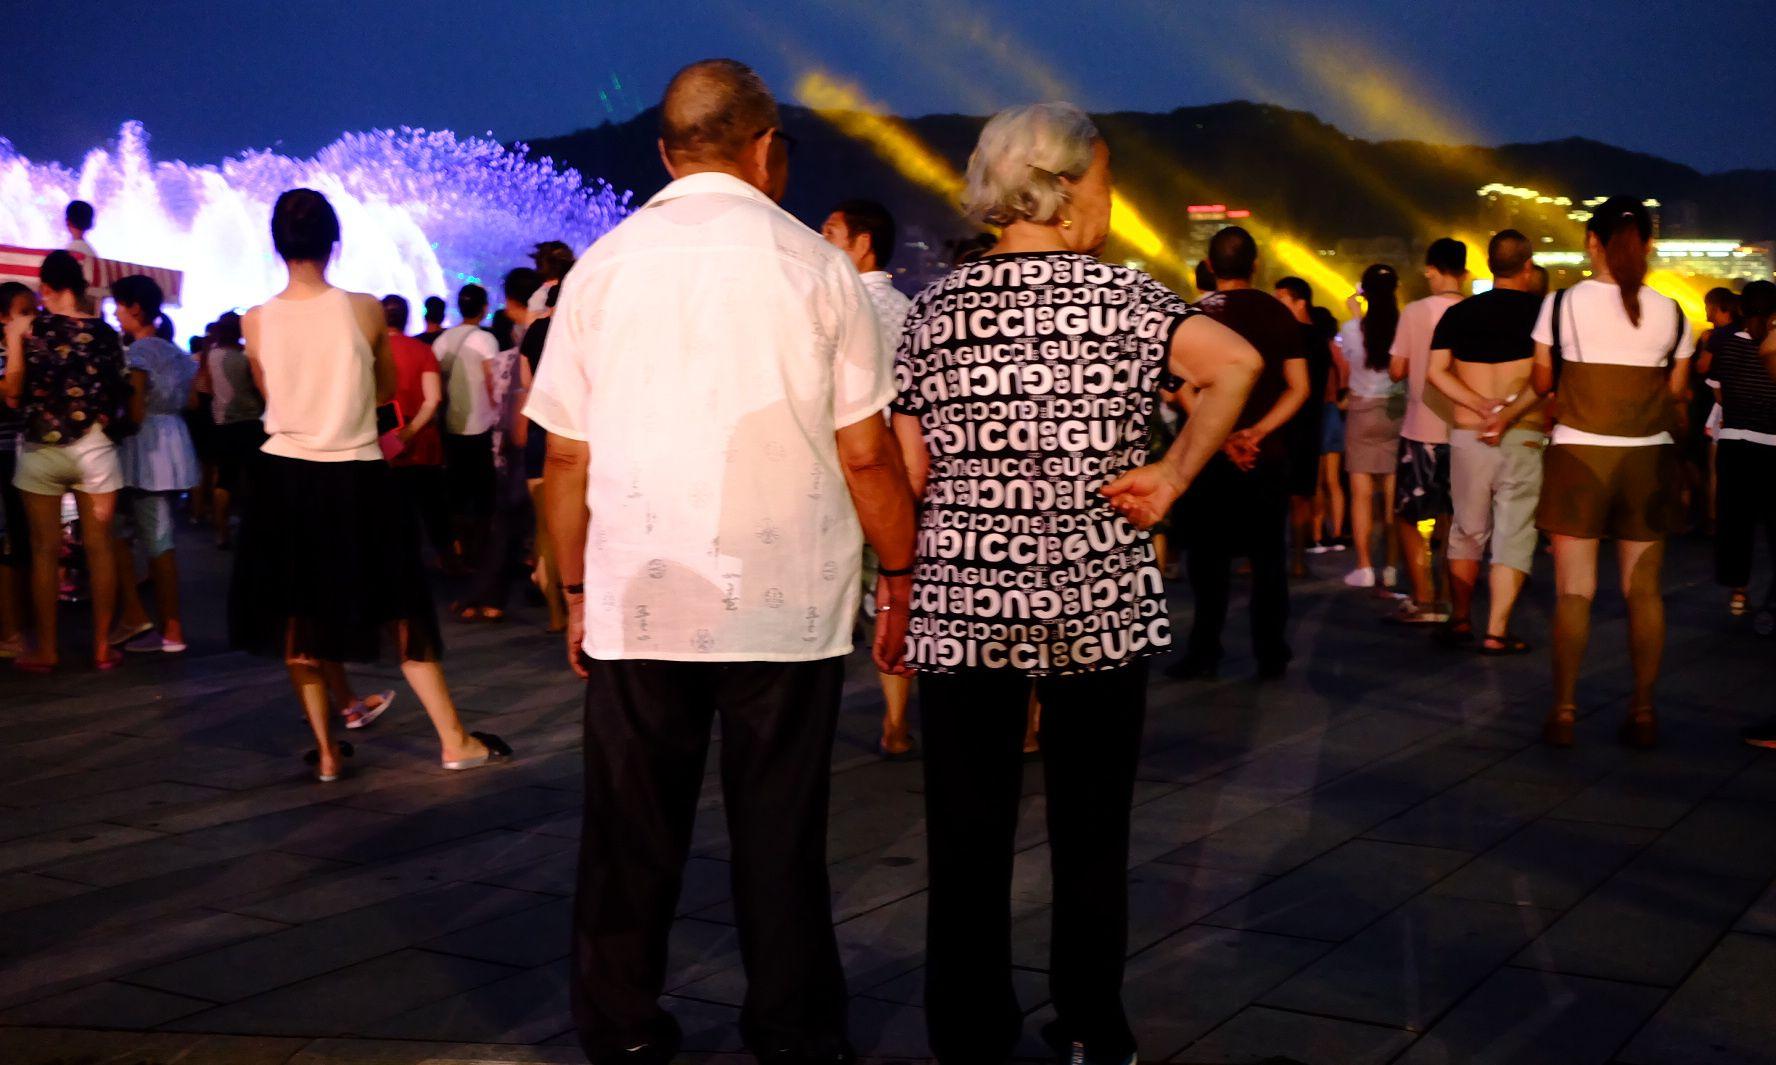 暖哭!万州大爷带老伴儿看音乐喷泉,人群中十指紧扣超有爱!